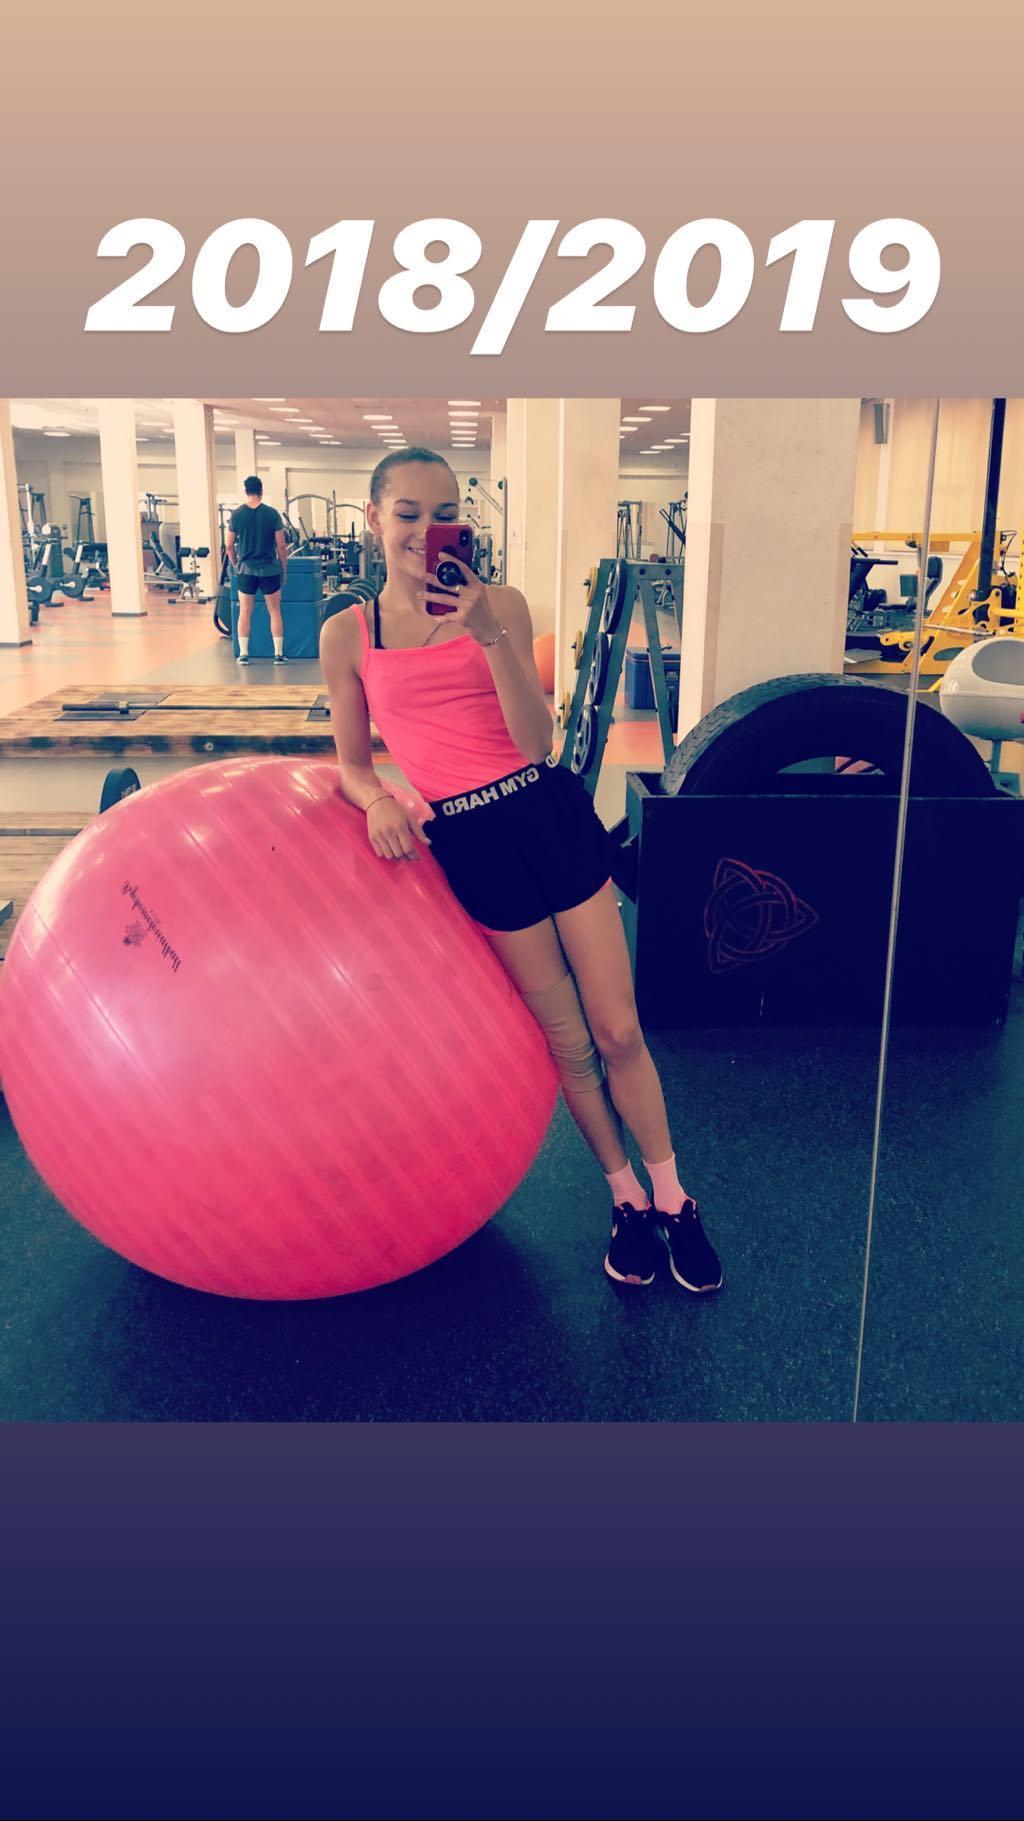 Розовый мяч Новогорска & Индивидуальный чемодан фигуриста - Страница 4 FSJ8Li_eotY